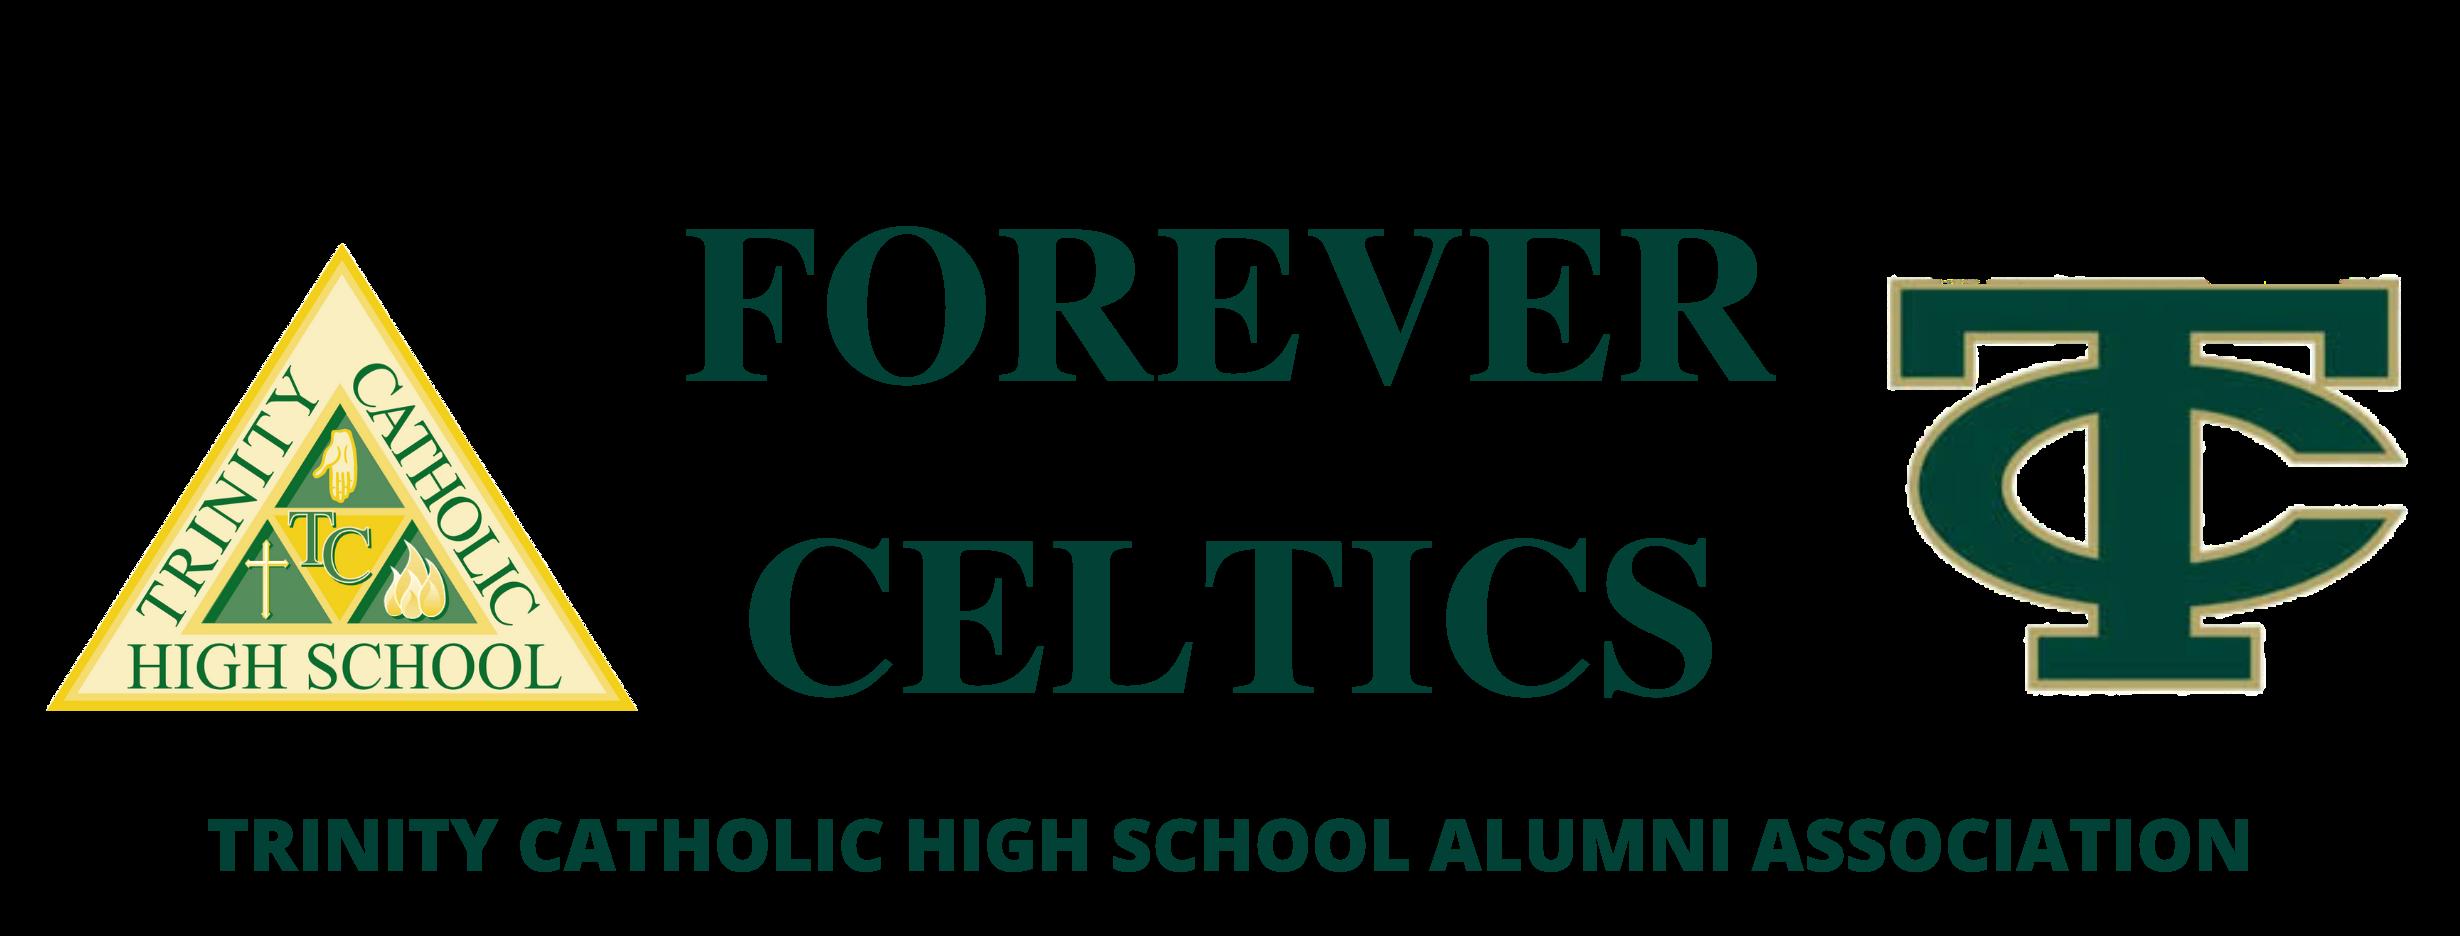 forever-celtics